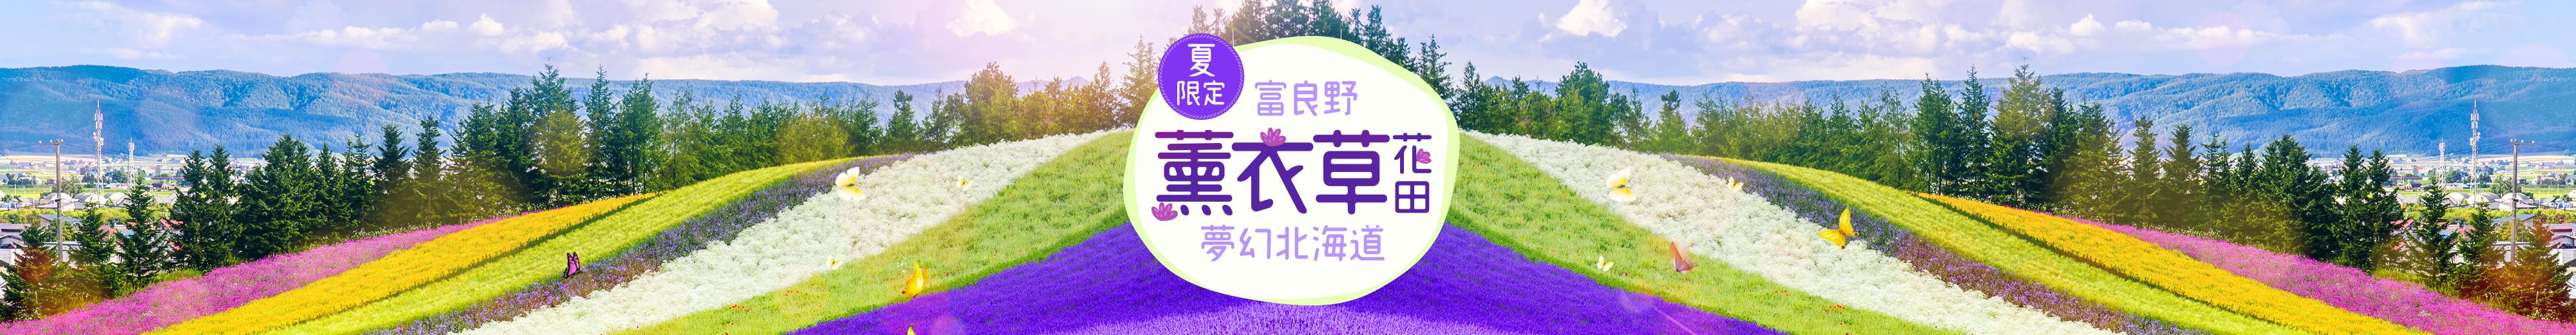 北海道薰衣草